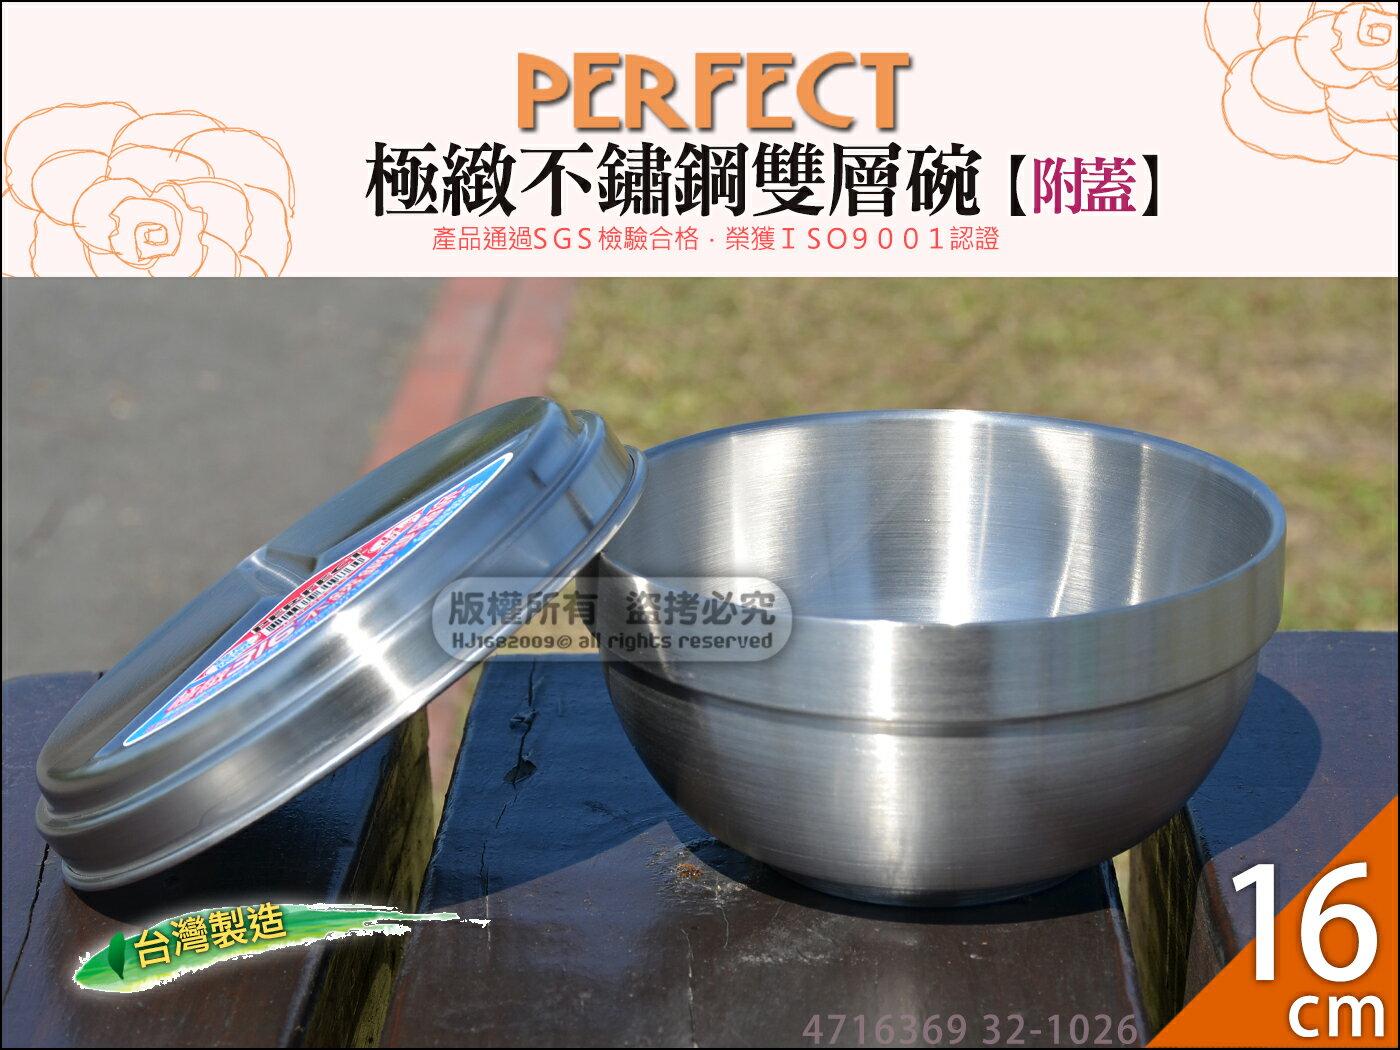 快樂屋♪ PERFECT 極緻316不鏽鋼雙層碗 16cm 1000cc【附蓋】1026 隔熱碗 不鏽鋼碗 台灣製